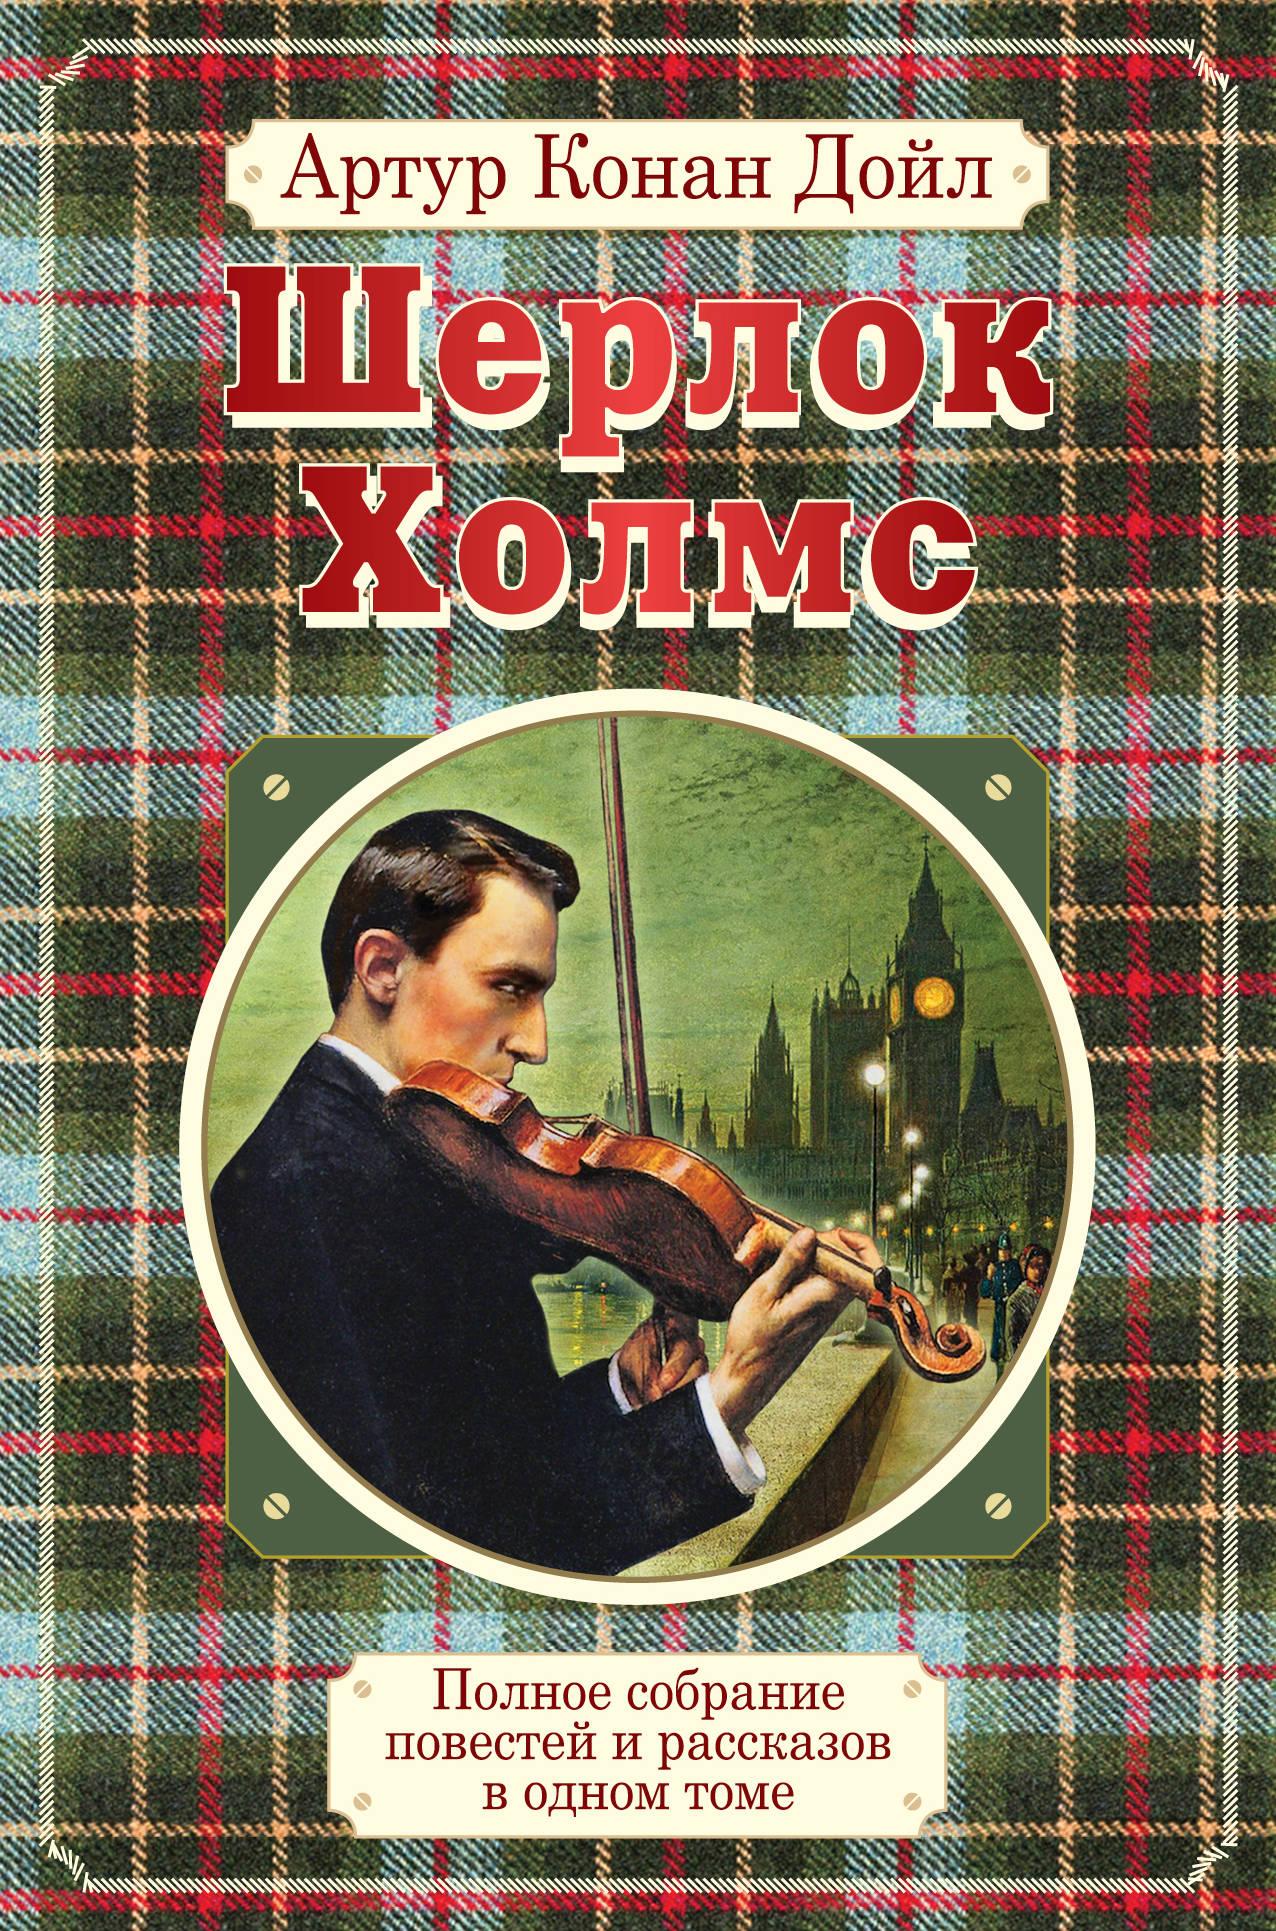 Полное собрание повестей и рассказов о Шерлоке Холмсе в одном томе (5503)